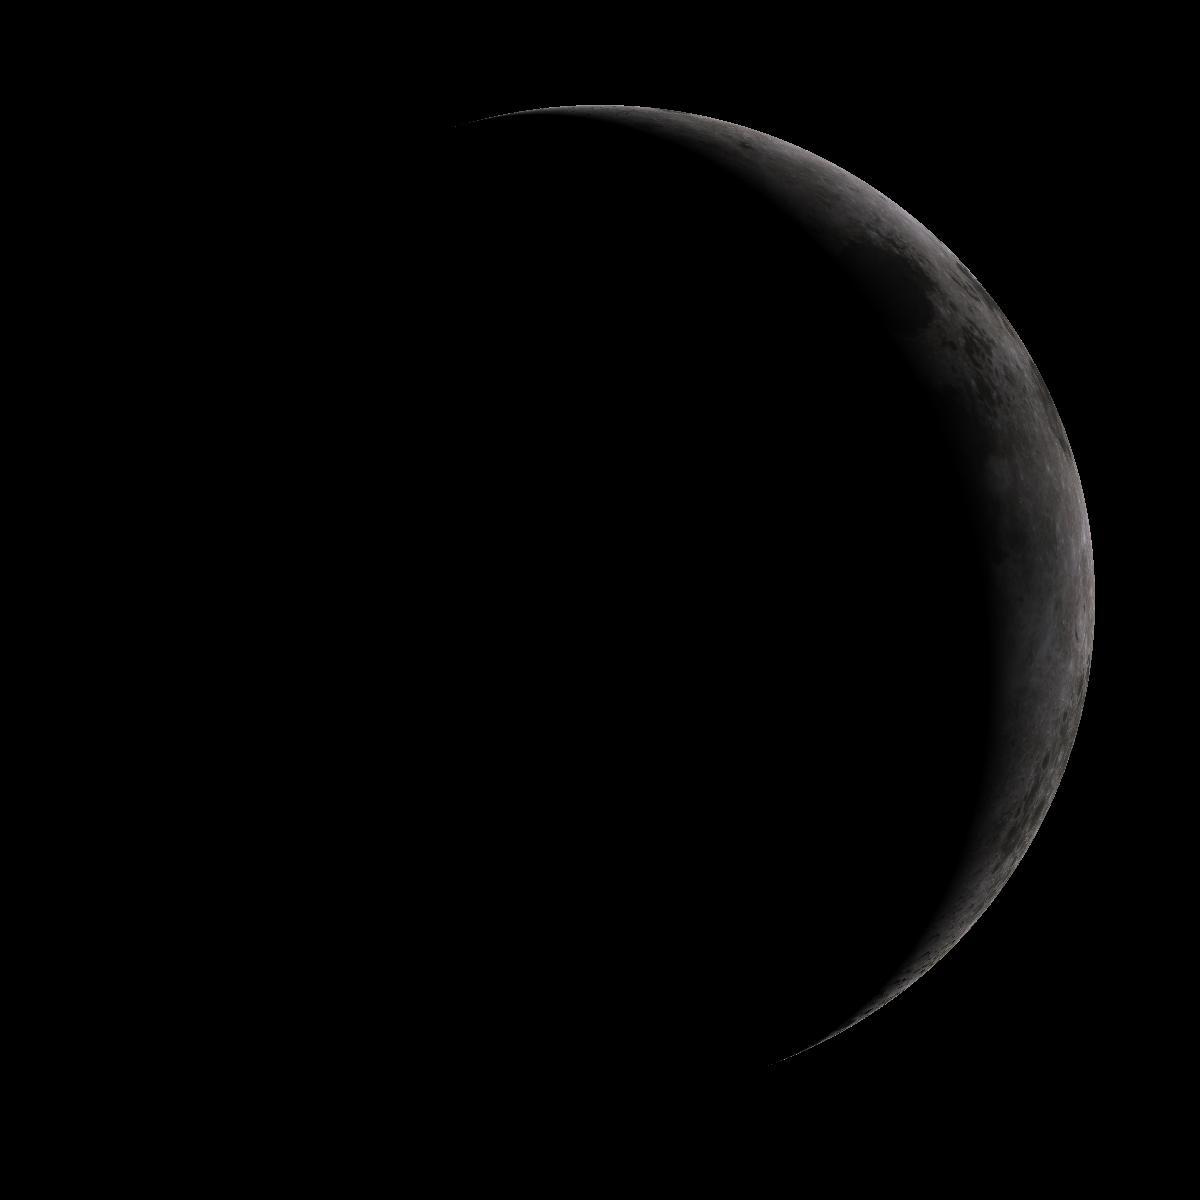 Lune du 4 aout 2019